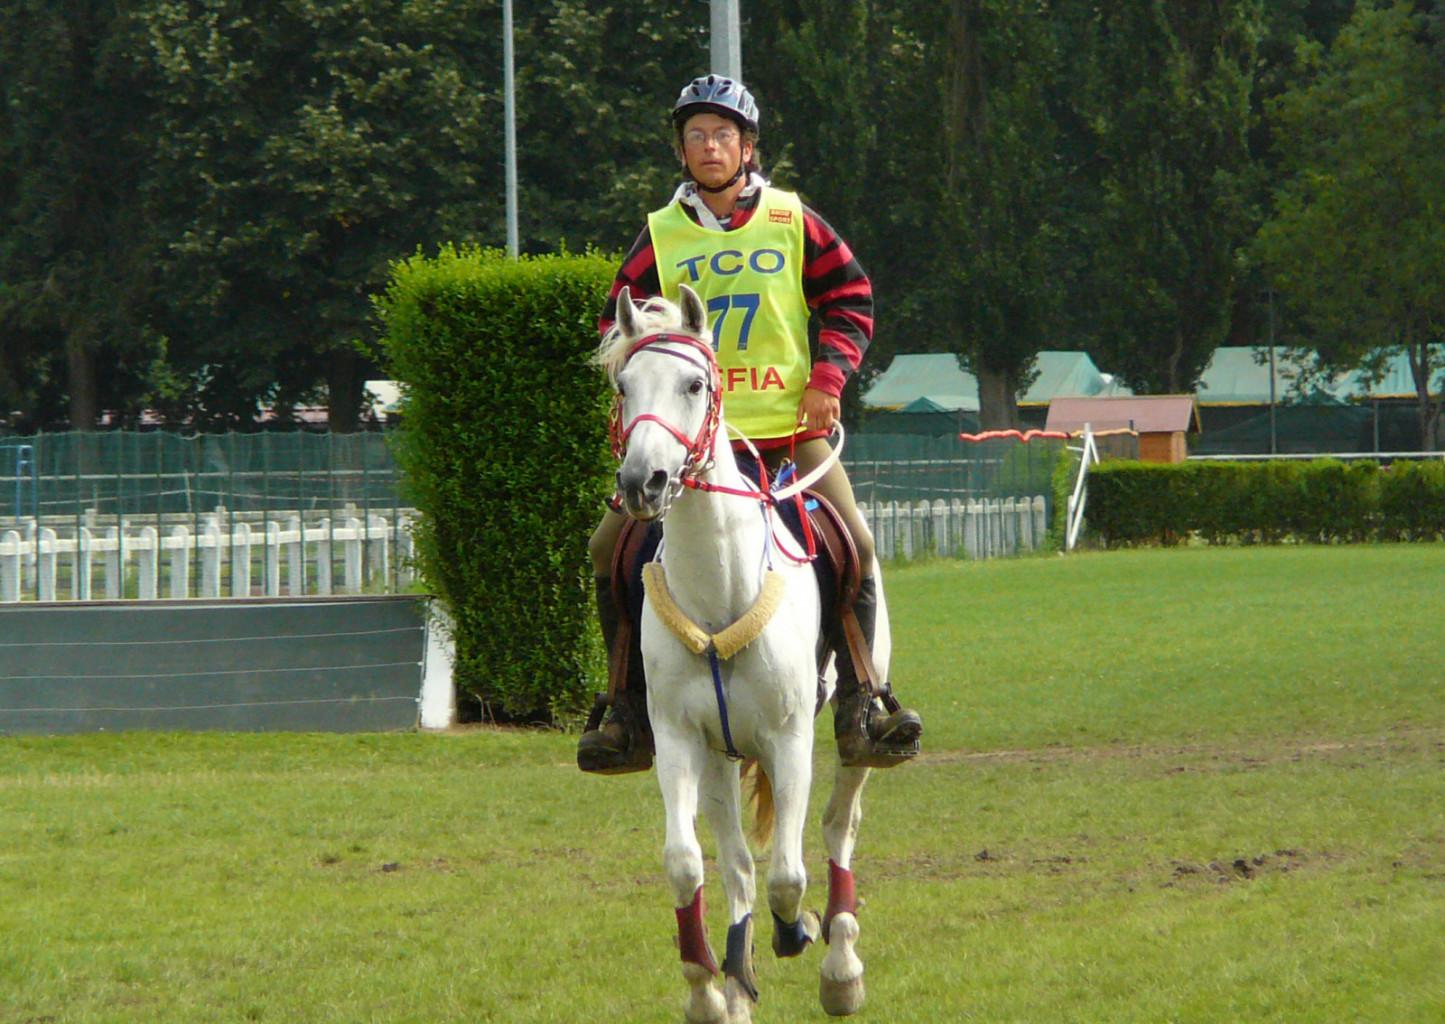 Endurance je disciplina, pri kateri je potrebno konjevo kondicijo razvijati več let.